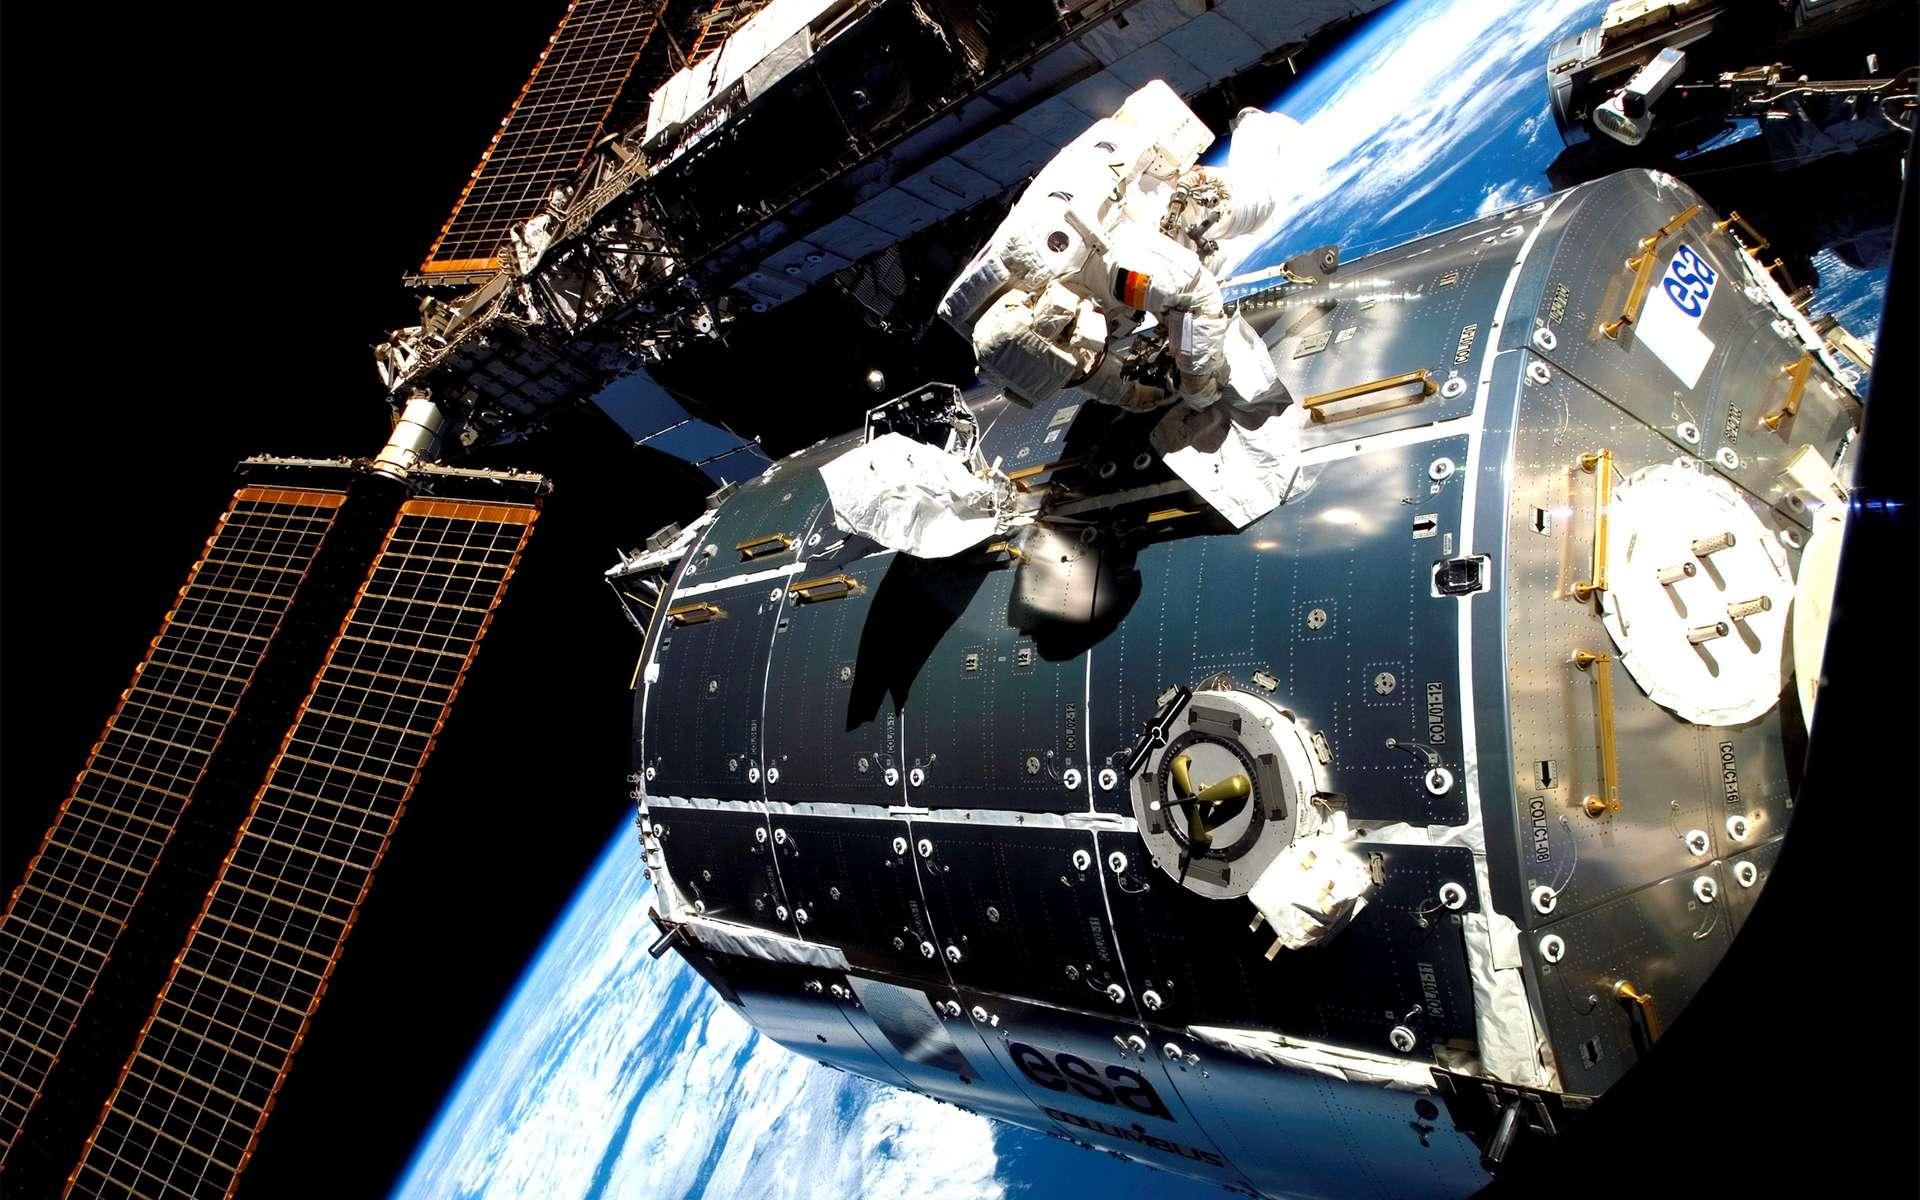 L'astronaute européen Hans Schlegel finalisant l'installation du laboratoire Columbus à la Station spatiale internationale, en février 2008. © Nasa